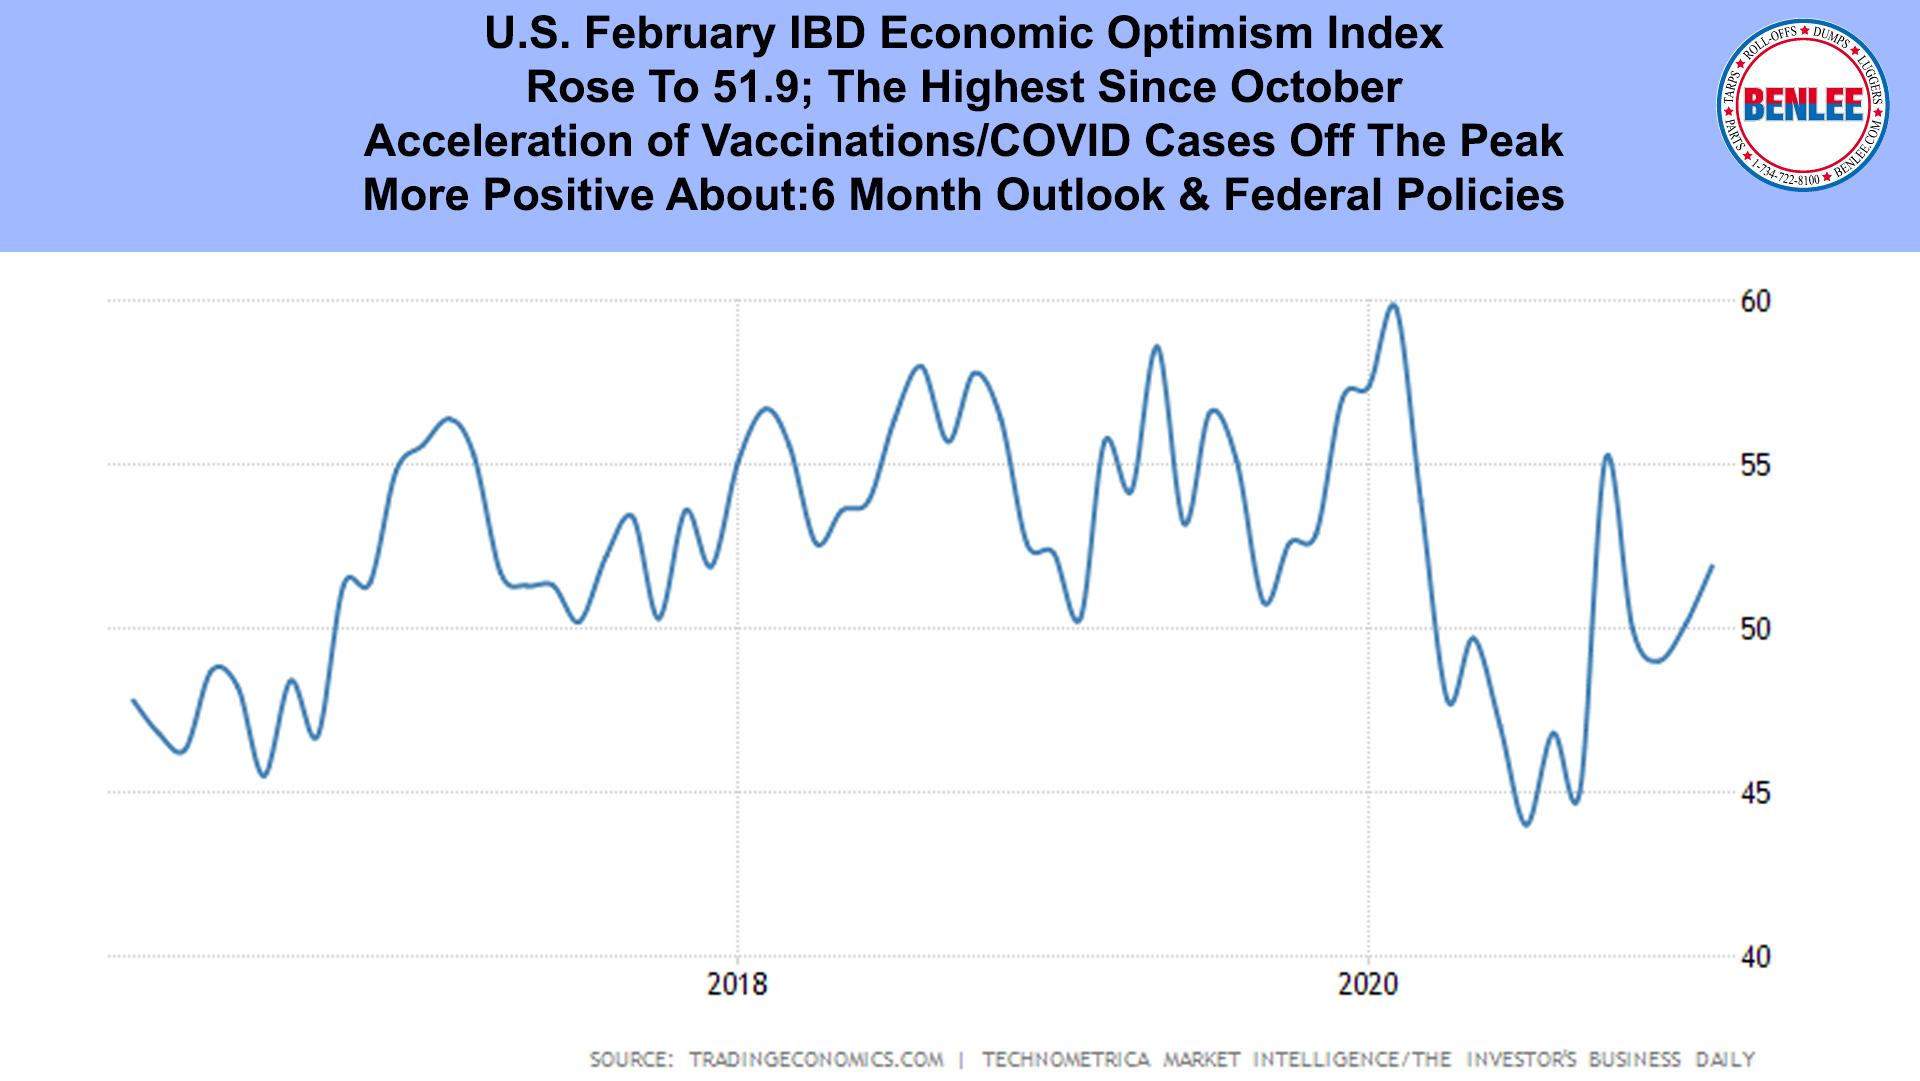 U.S. February IBD Economic Optimism Index